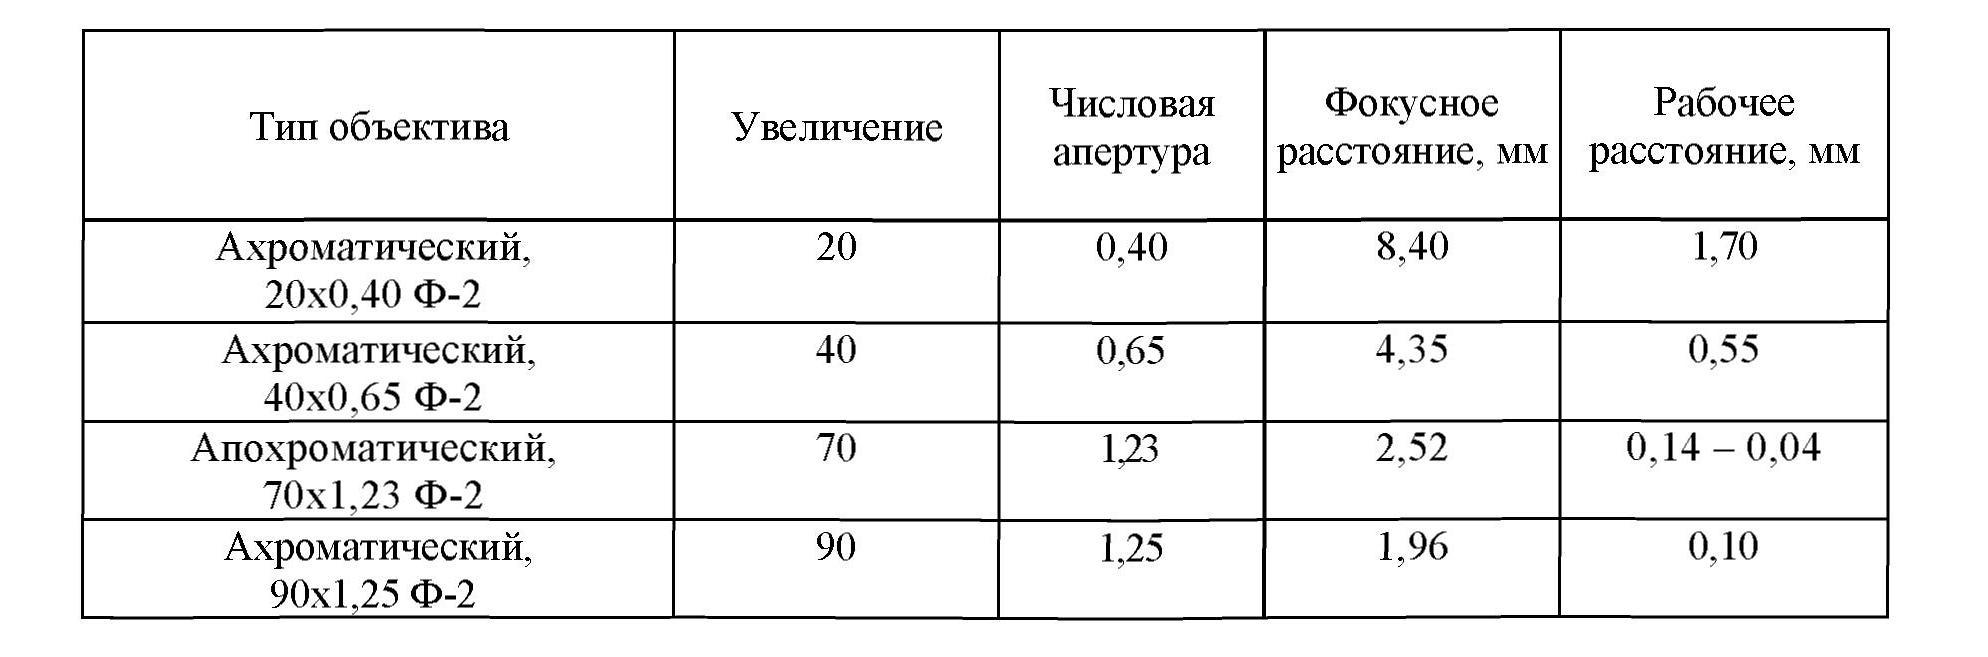 кф-5 тфбл. 1